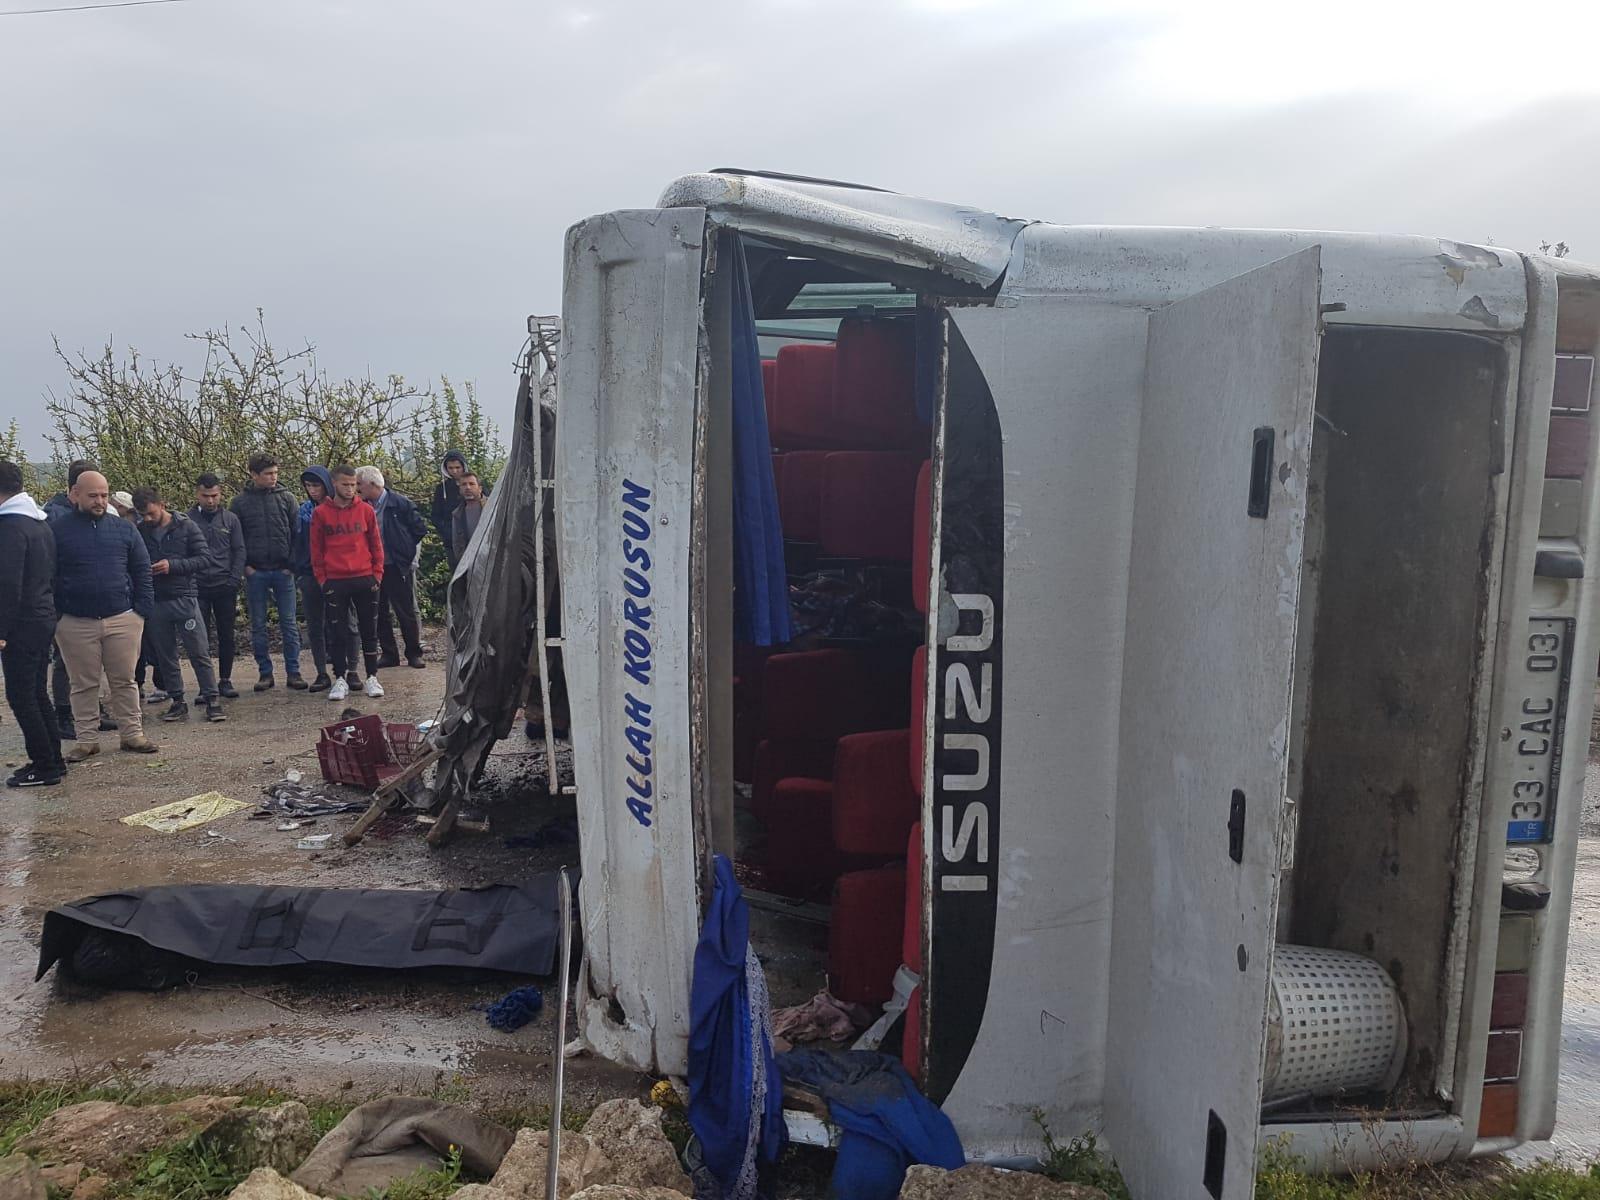 Tarım işçilerini taşıyan midibüs devrildi: 1 ölü, 15 yaralı